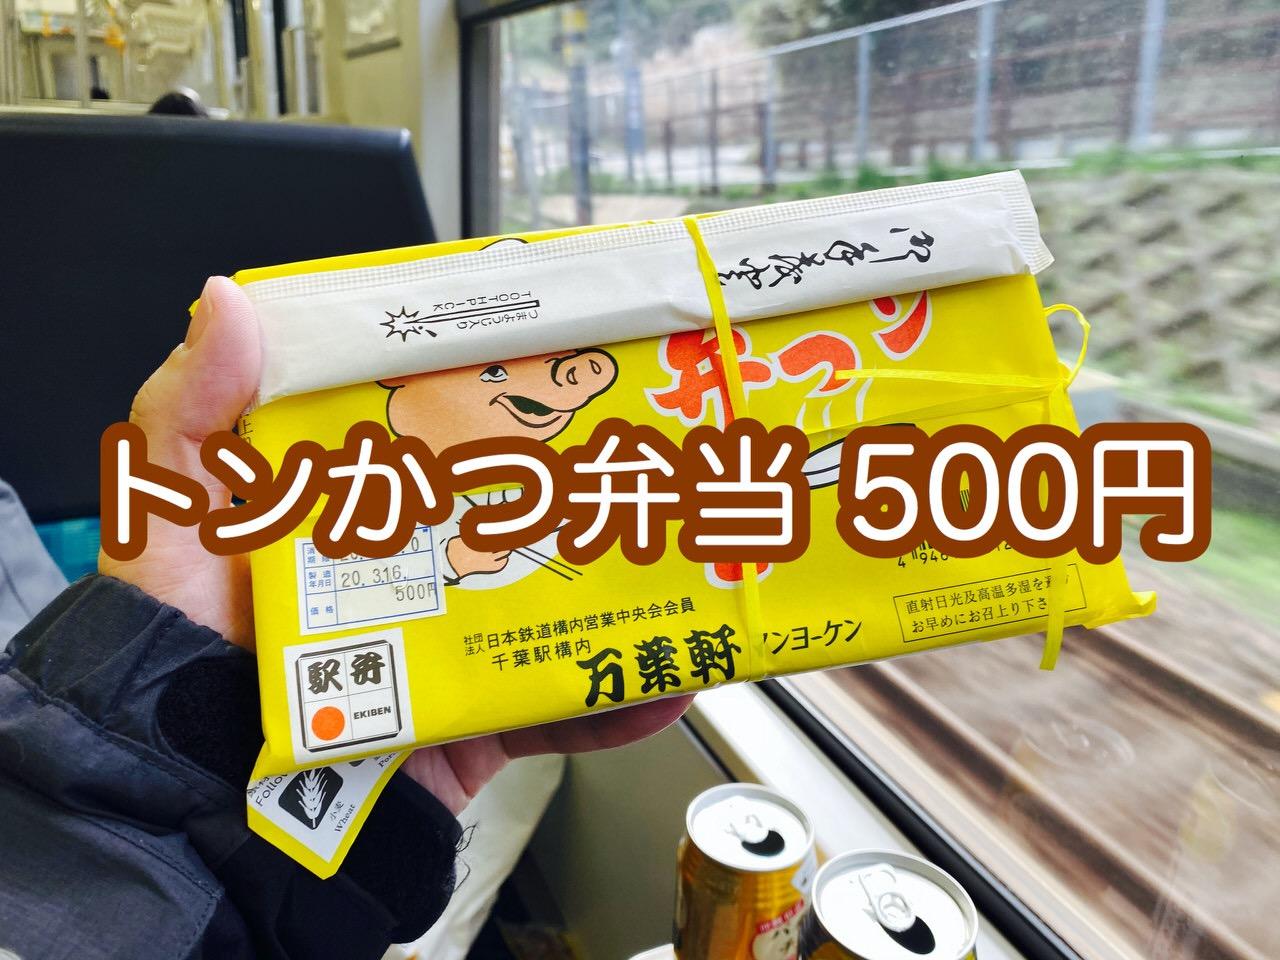 万葉軒の「とんかつ弁当」は500円!衝撃的な安さの上に冷たくても美味しい